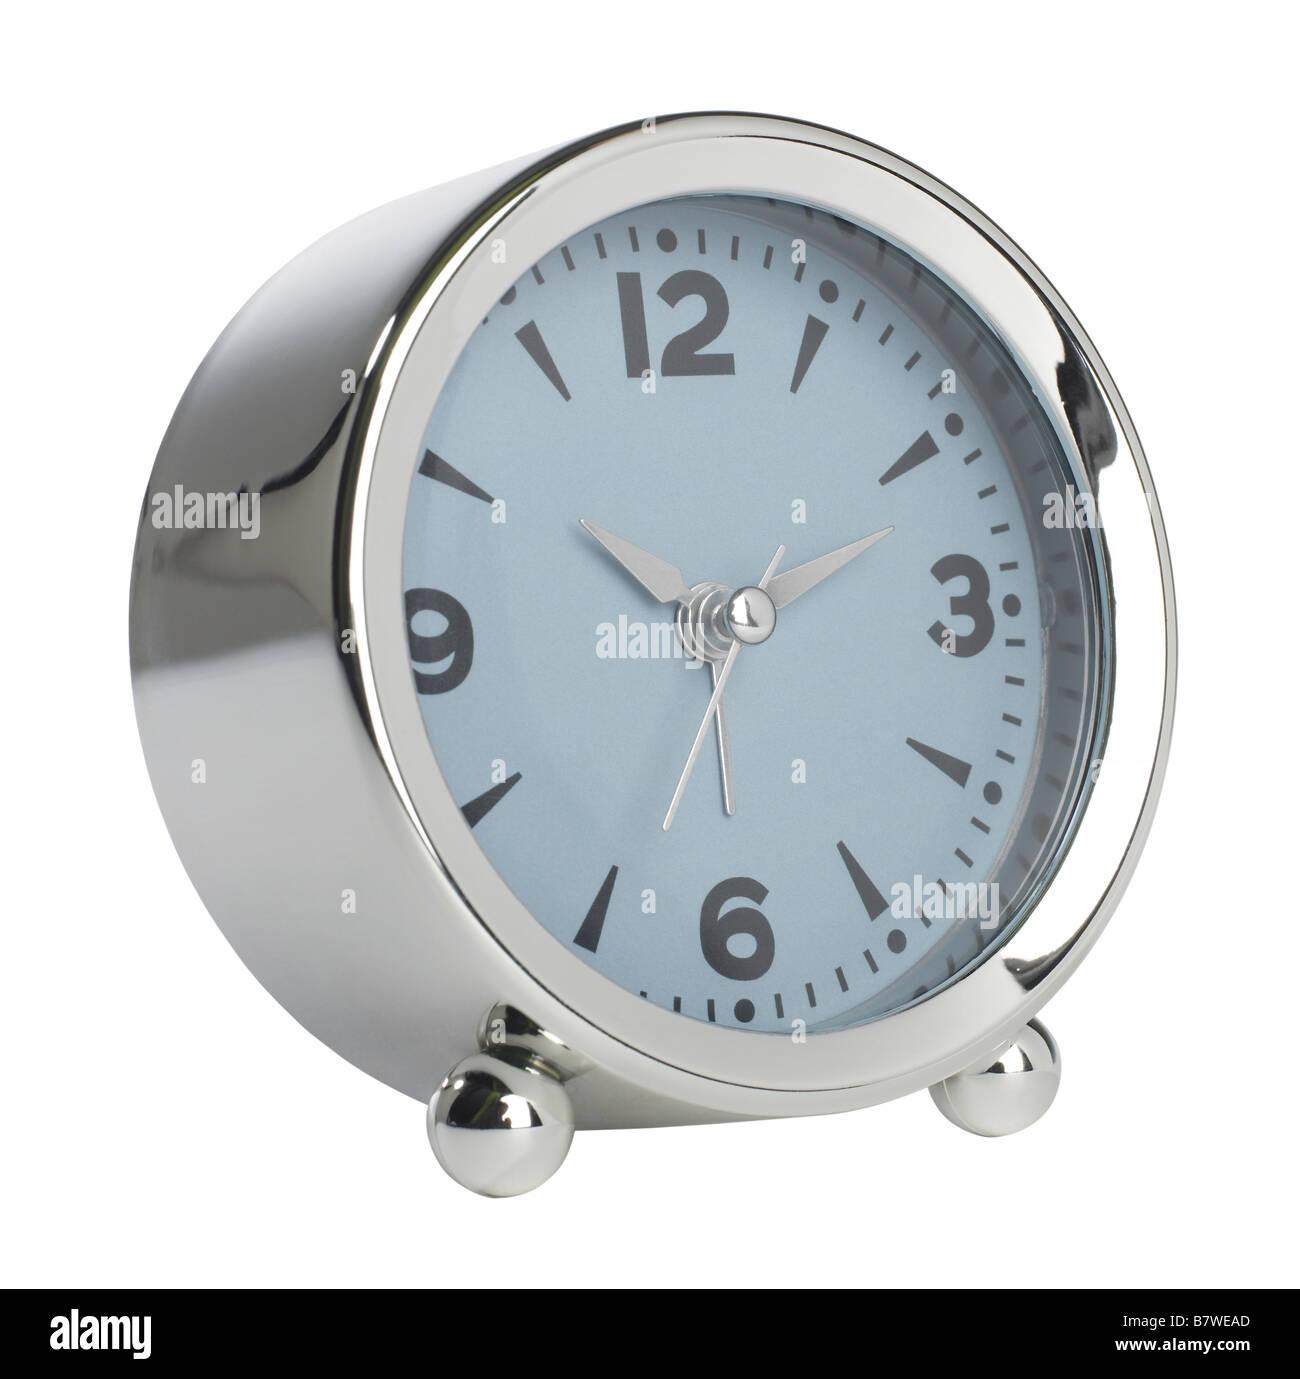 Round Clock Face Stock Photos & Round Clock Face Stock Images - Alamy